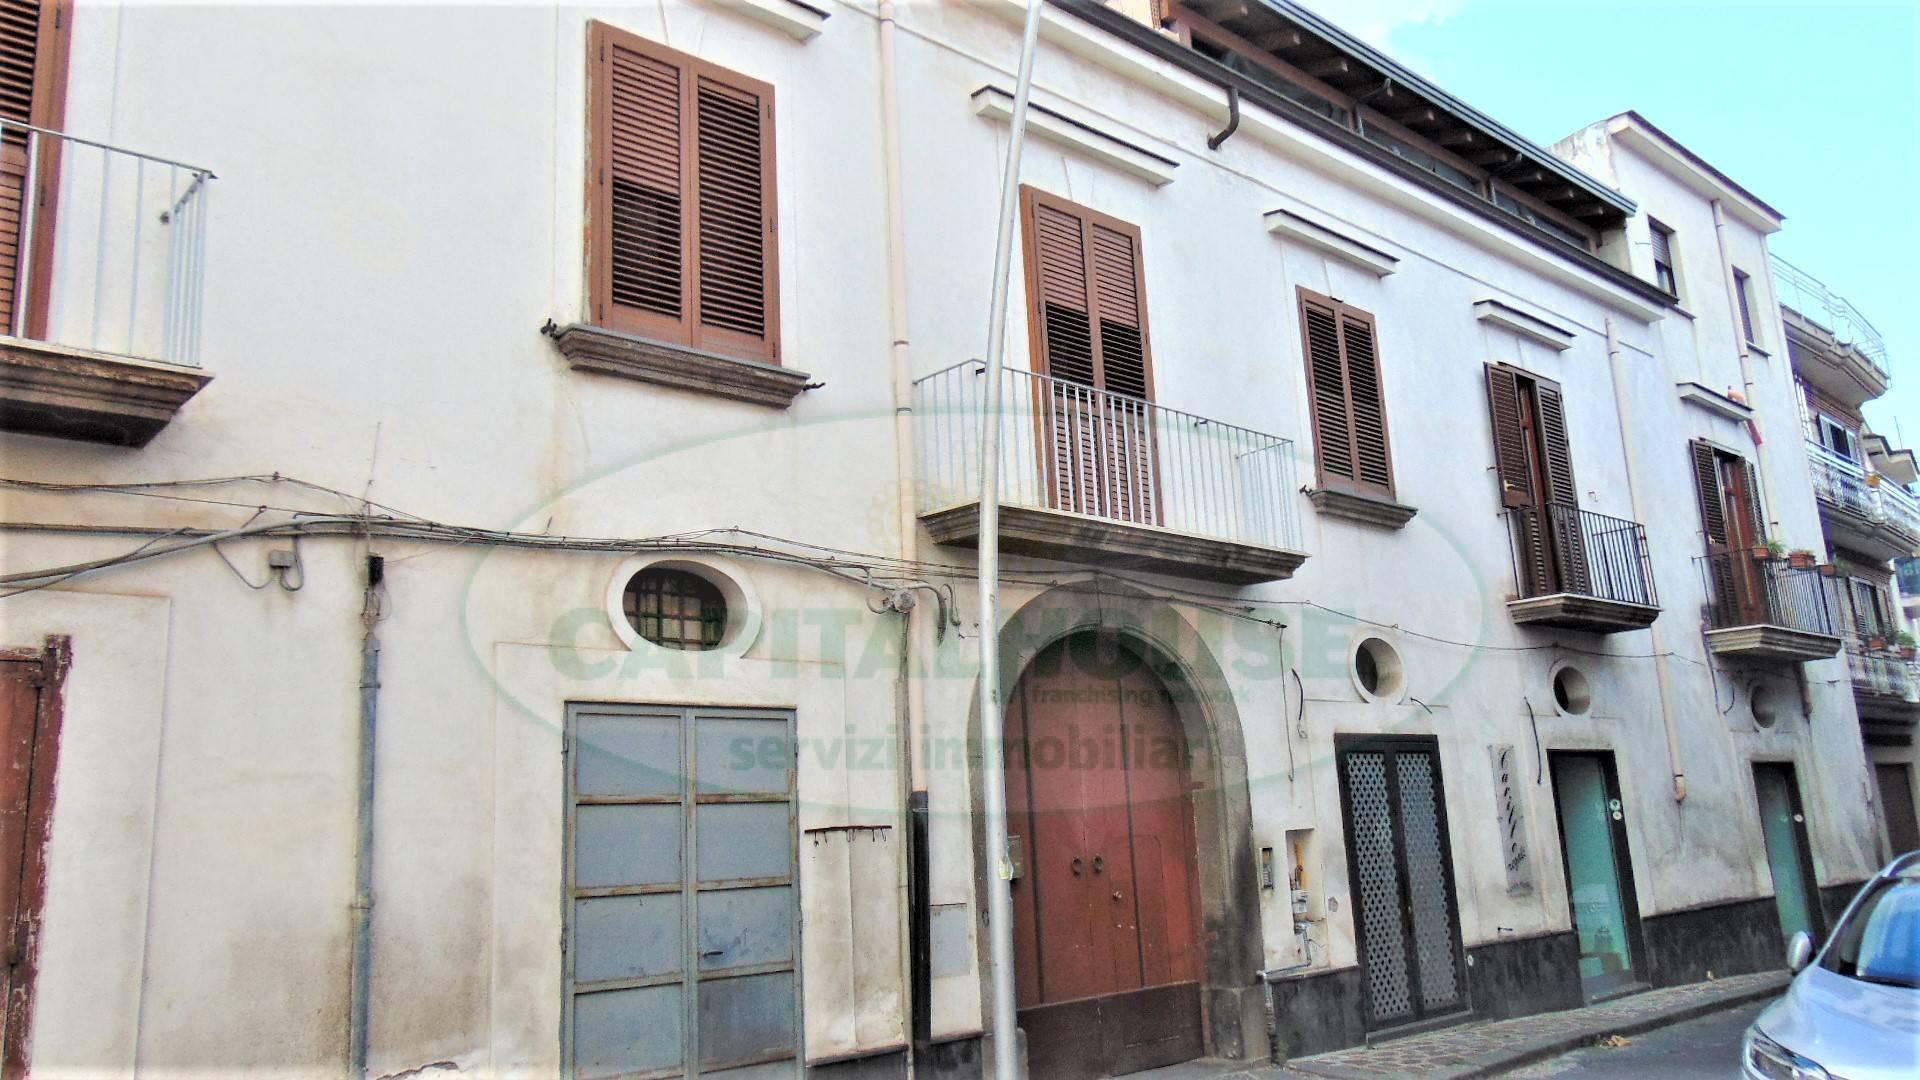 Appartamento in vendita a Baiano, 5 locali, prezzo € 130.000 | PortaleAgenzieImmobiliari.it